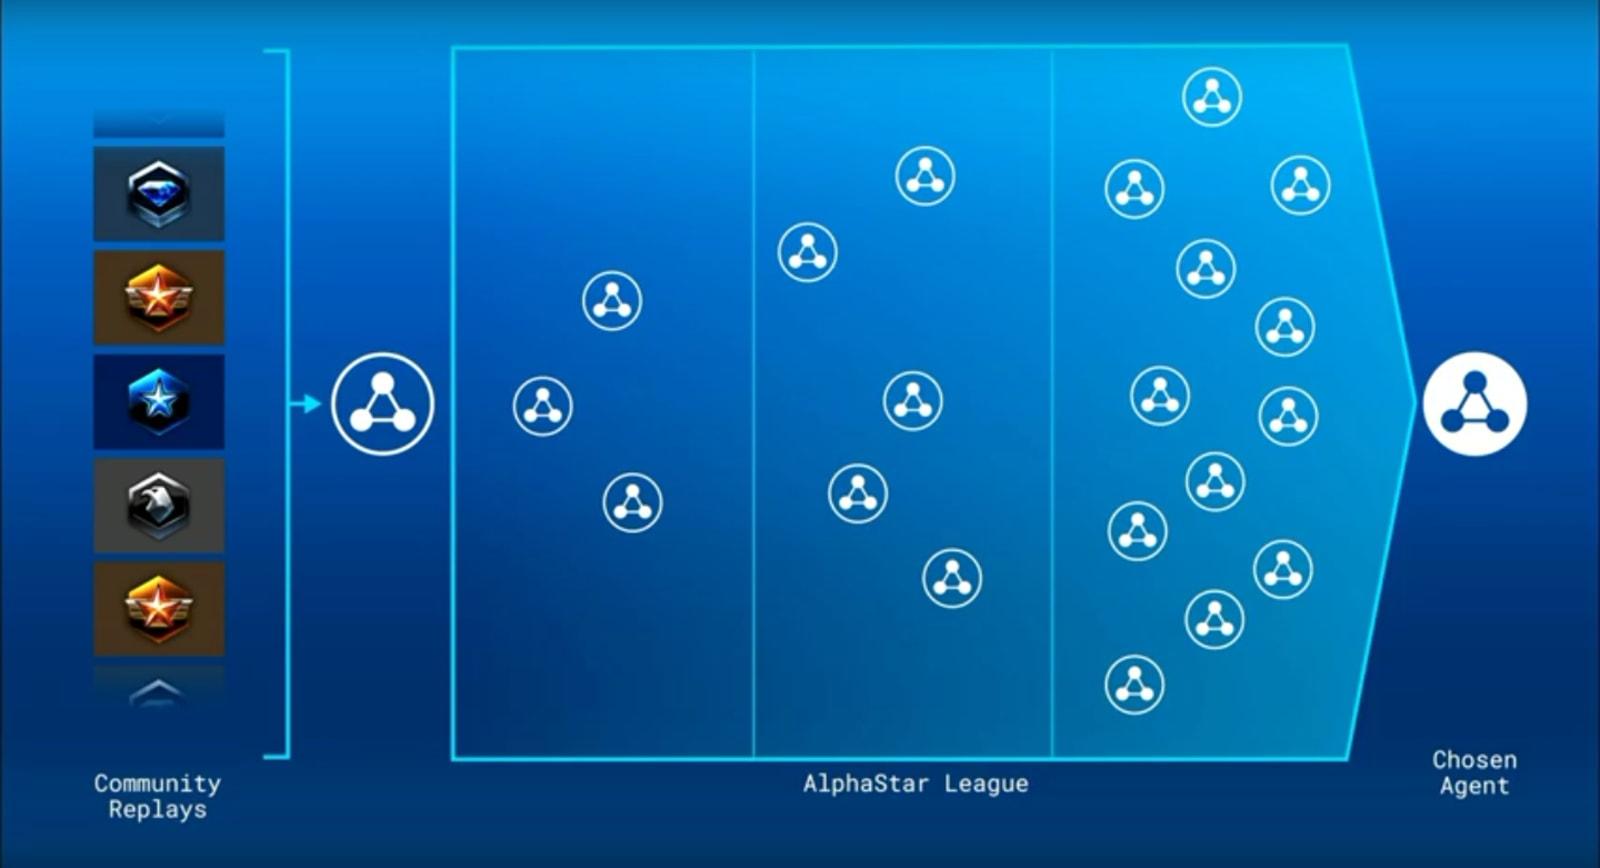 AlphaStar League